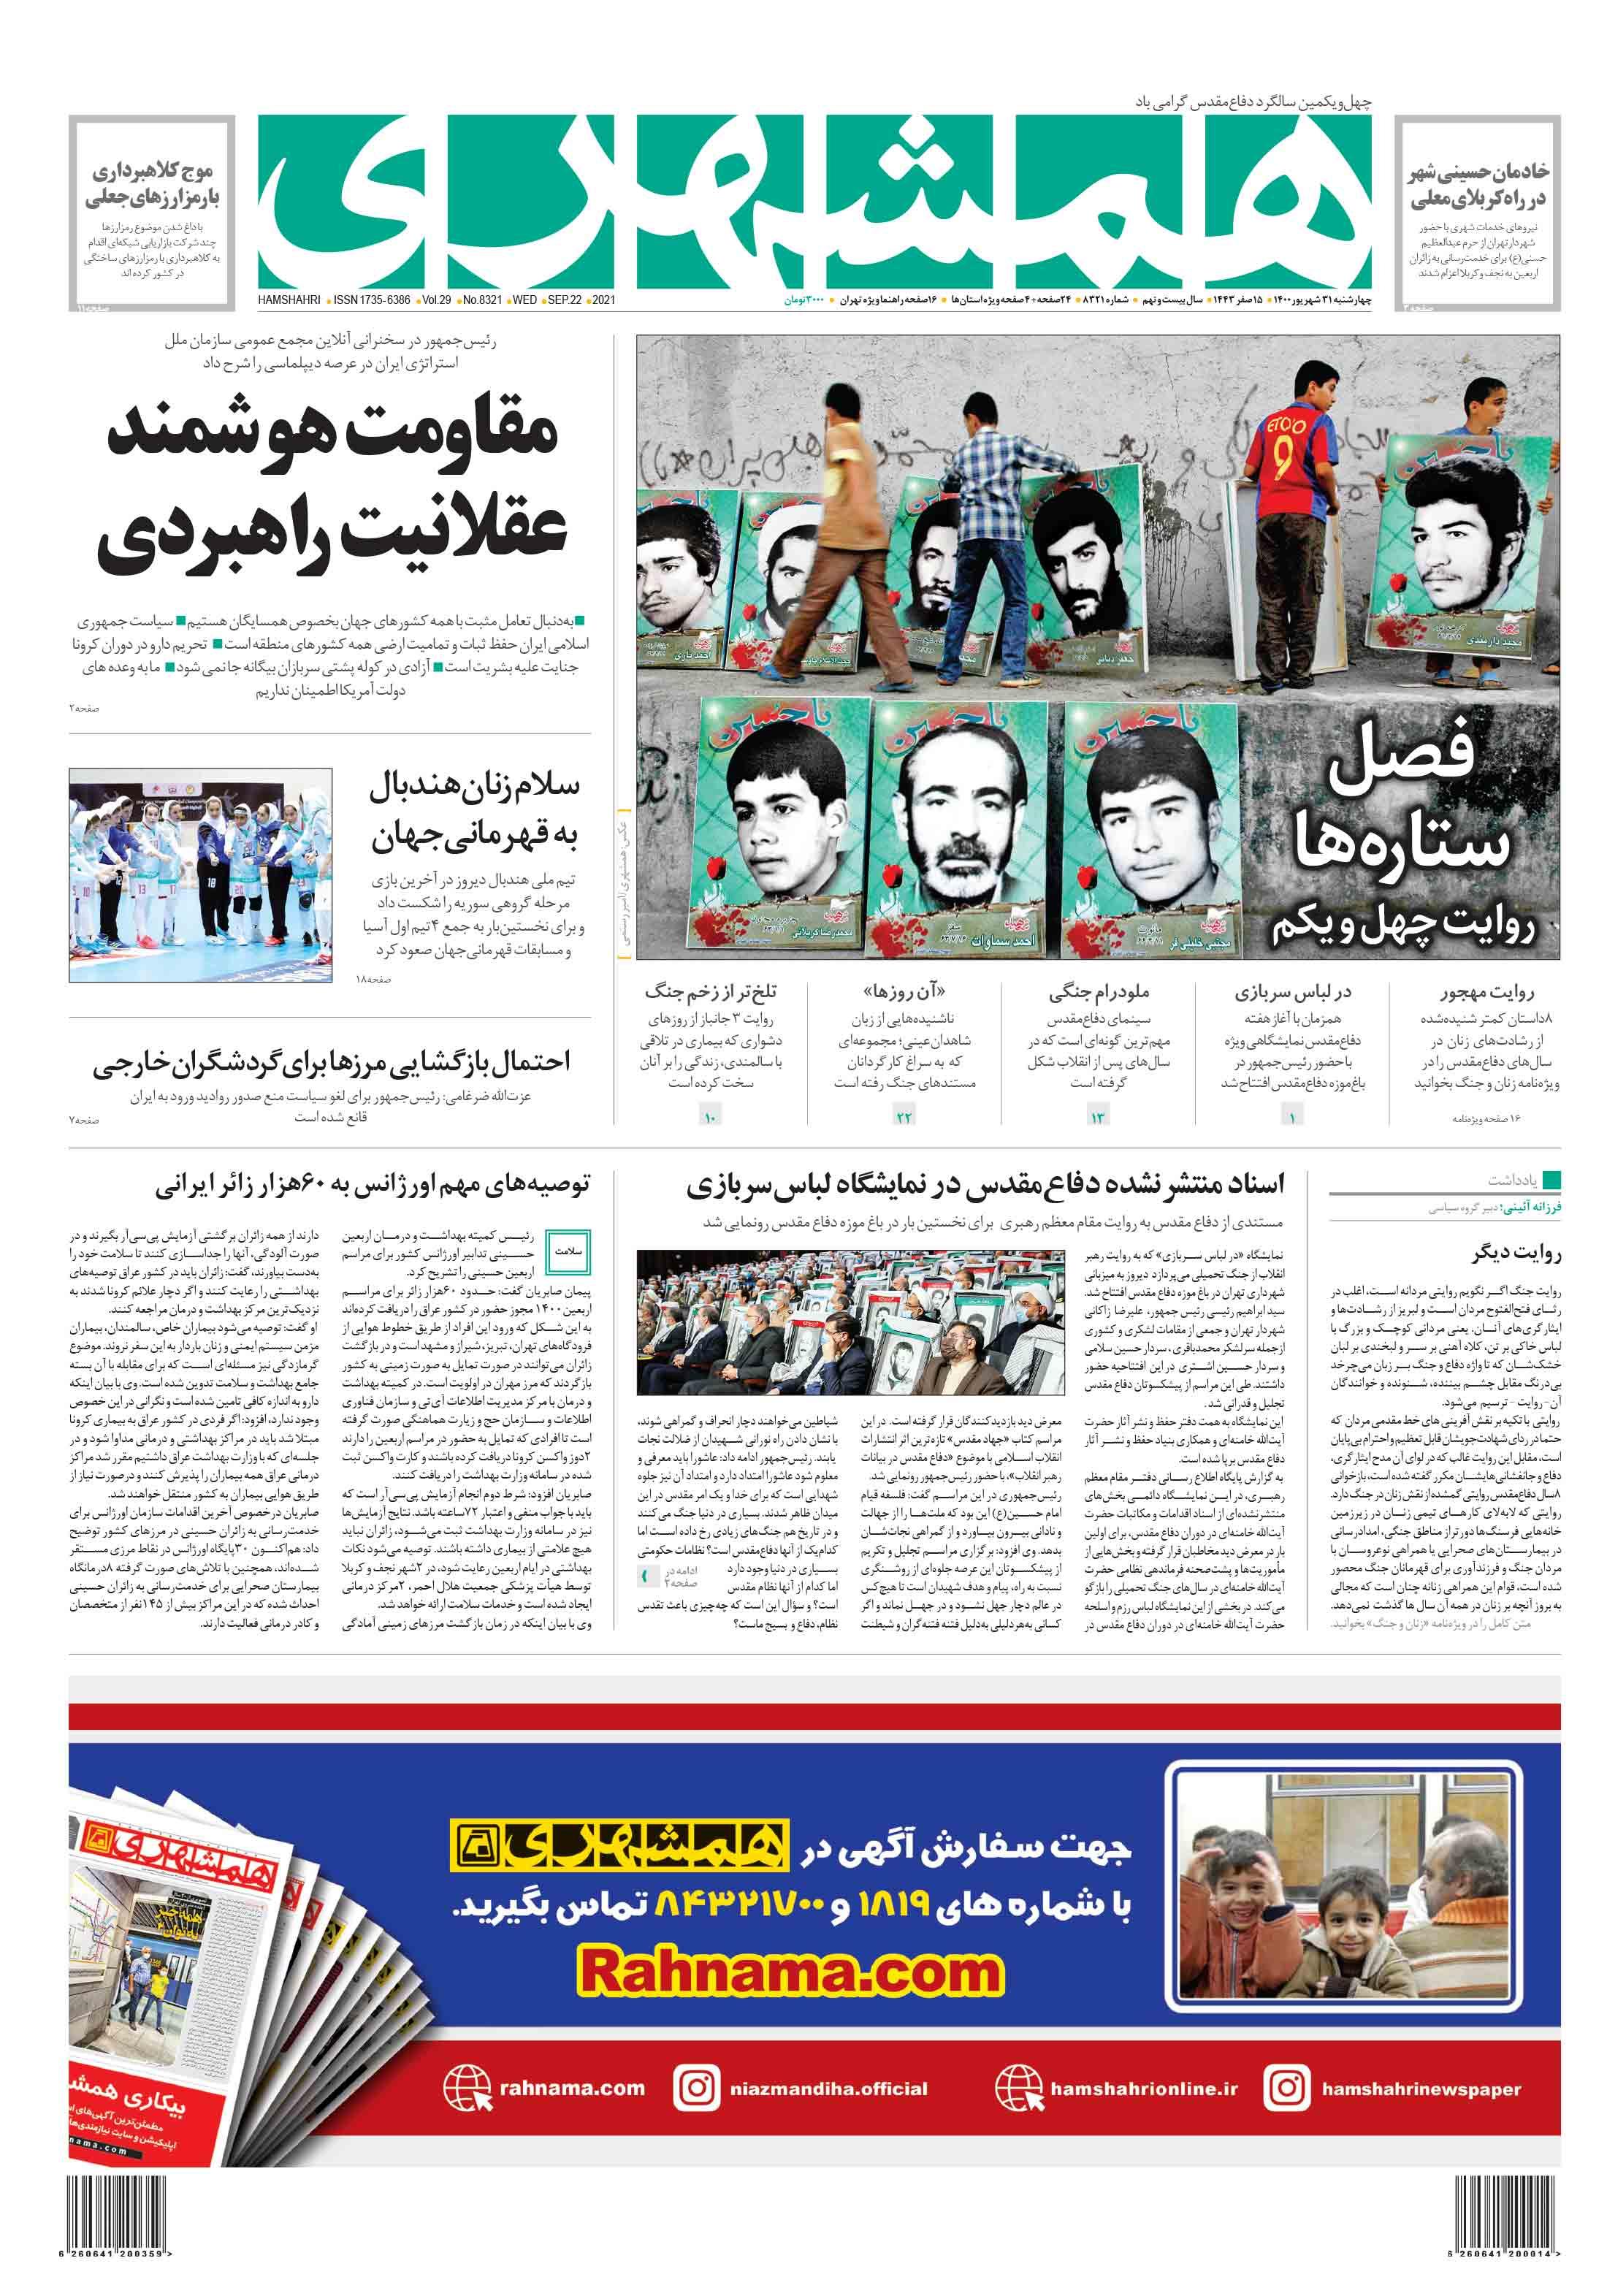 صفحه اول چهارشنبه 31 شهریور 1400